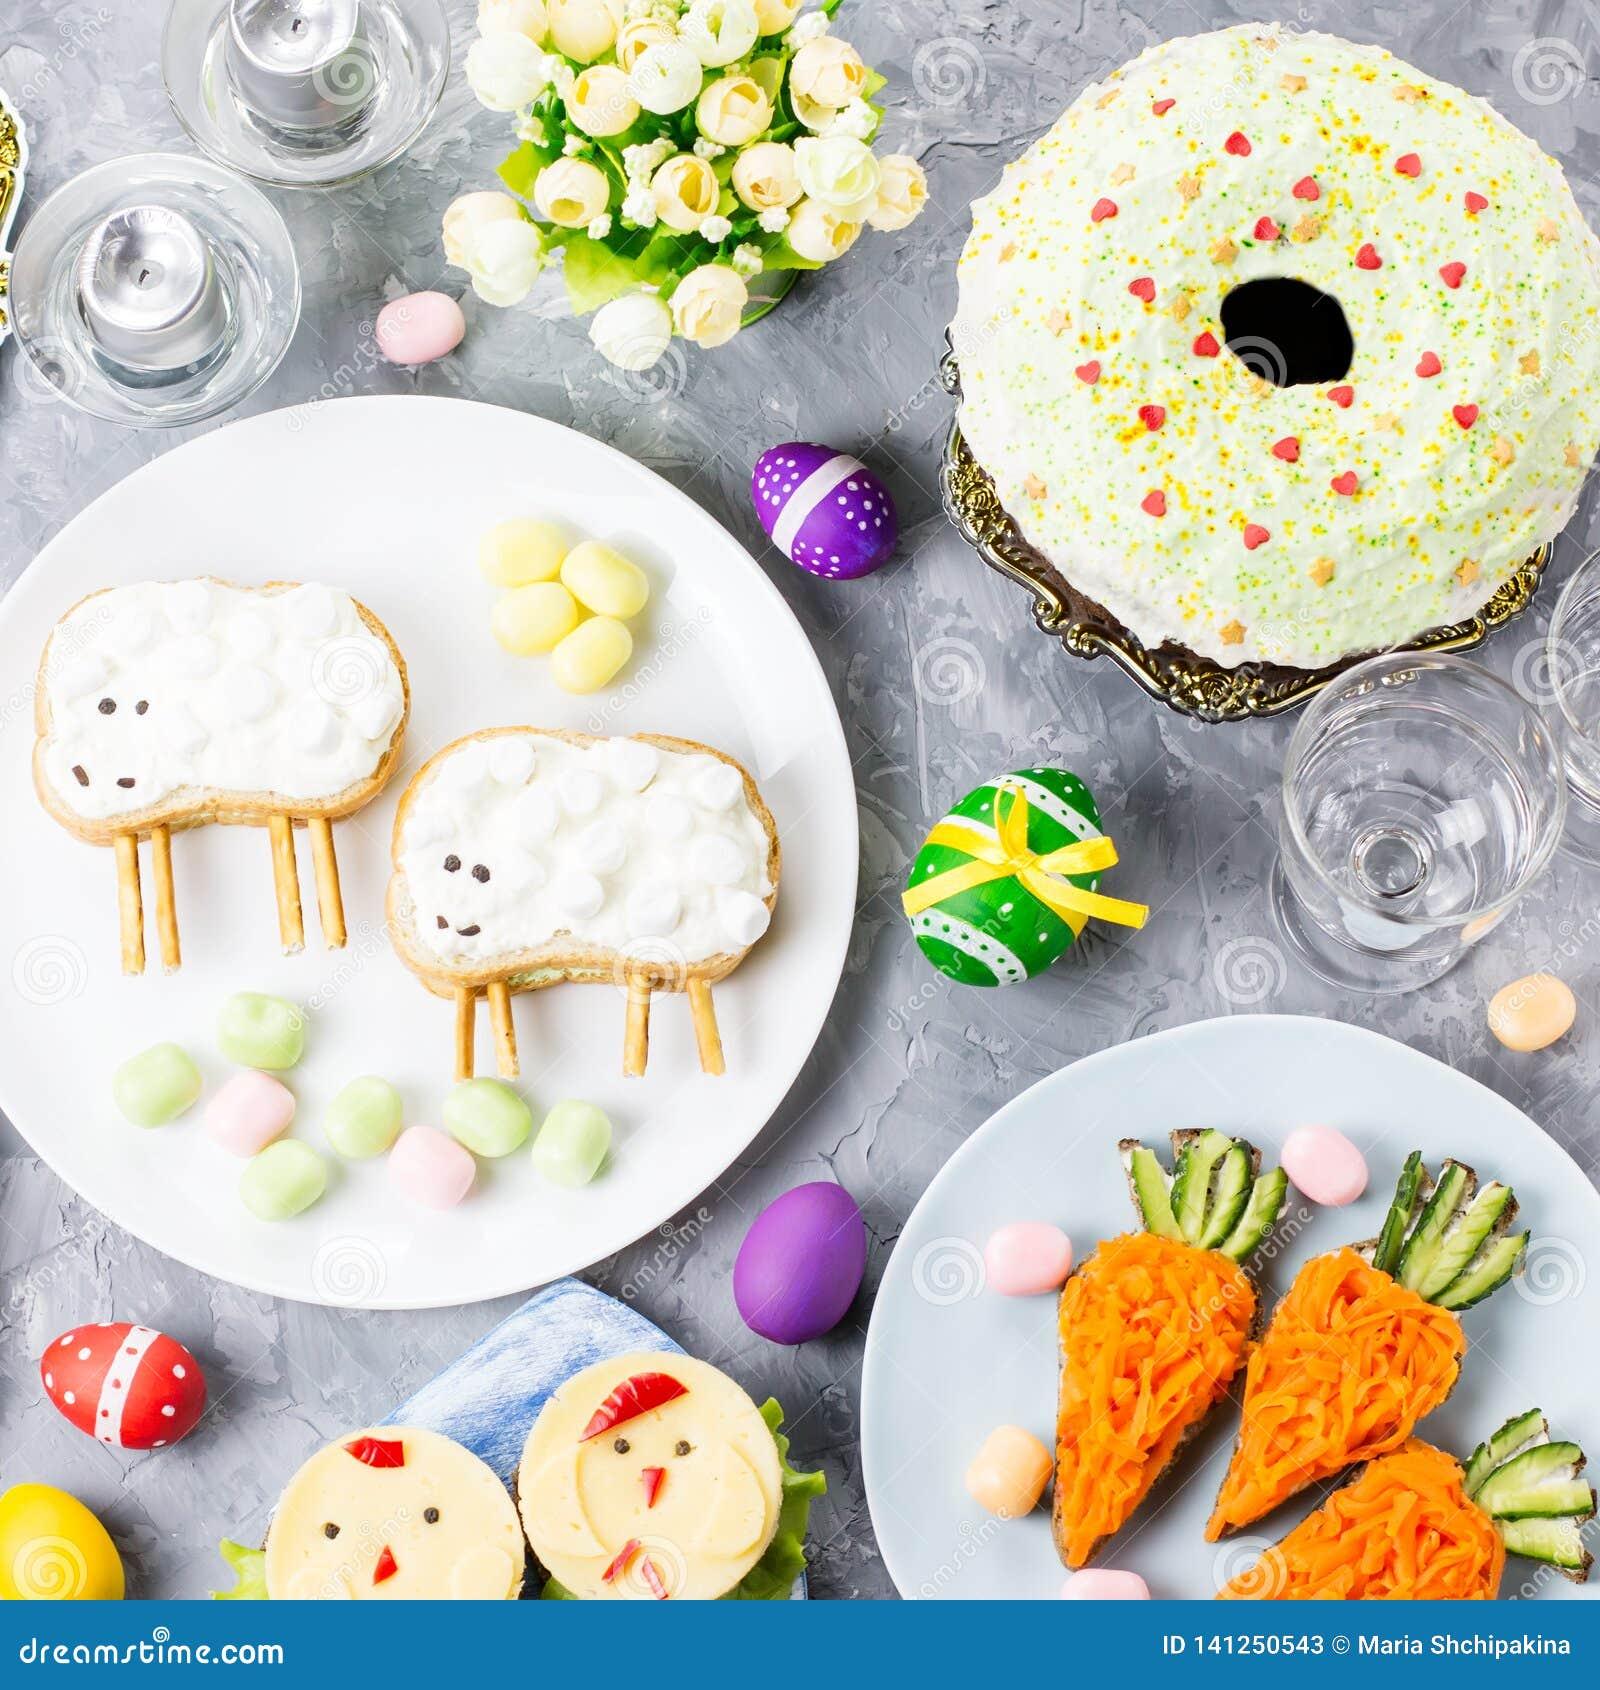 Nourriture colorée drôle de Pâques pour des enfants avec des décorations sur la table Concept de dîner de Pâques